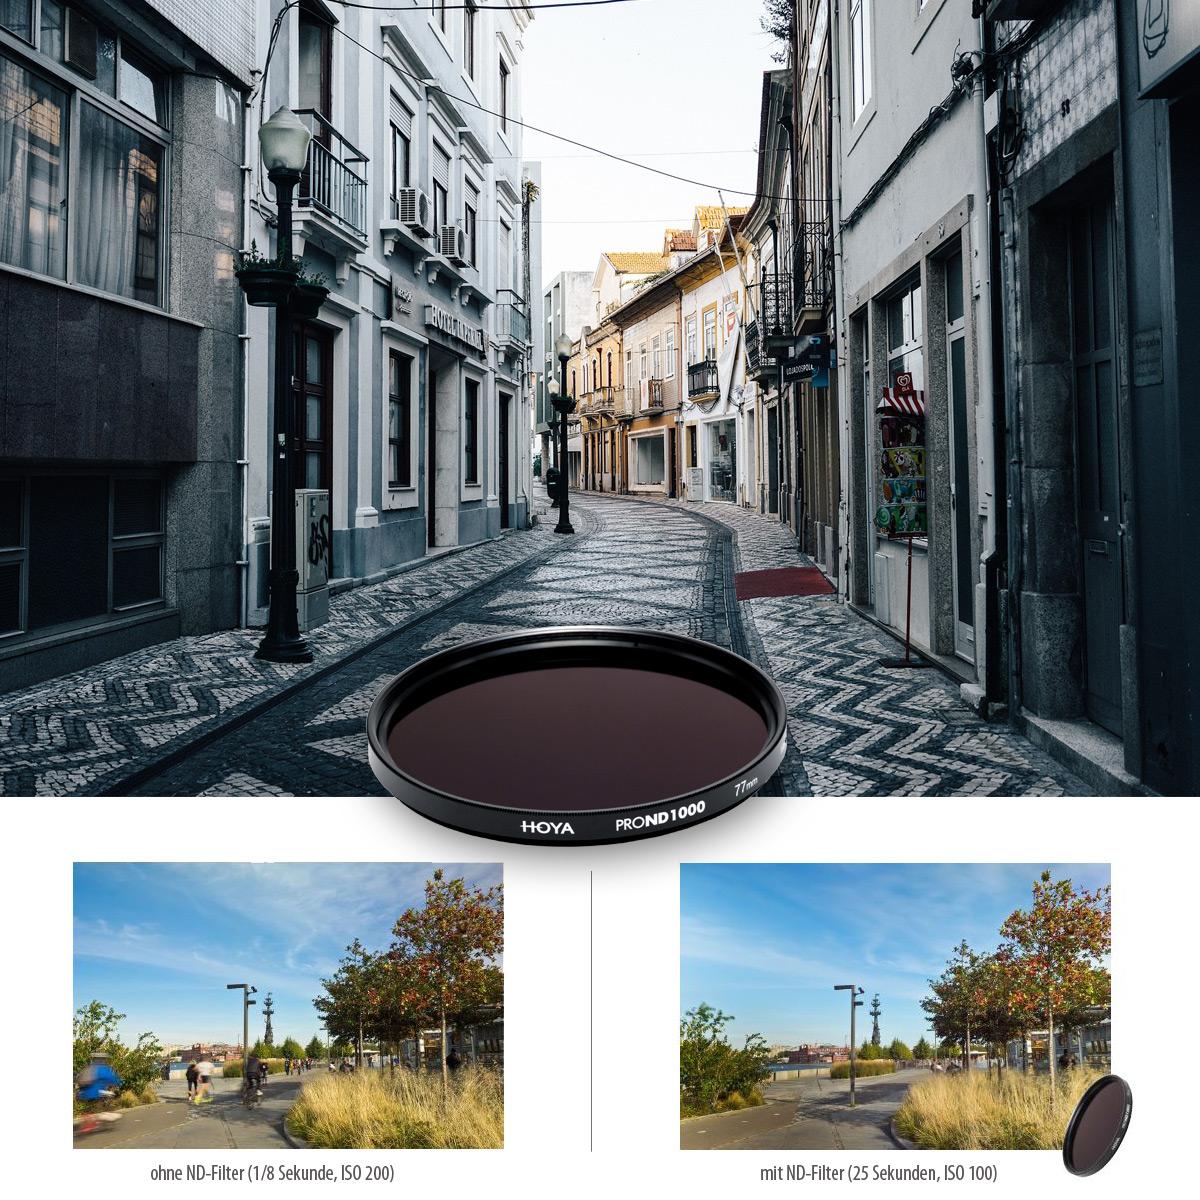 Menschen, Fahrzeuge oder andere bewegliche Elemente aus Fotos entfernst, ganz ohne Photoshop